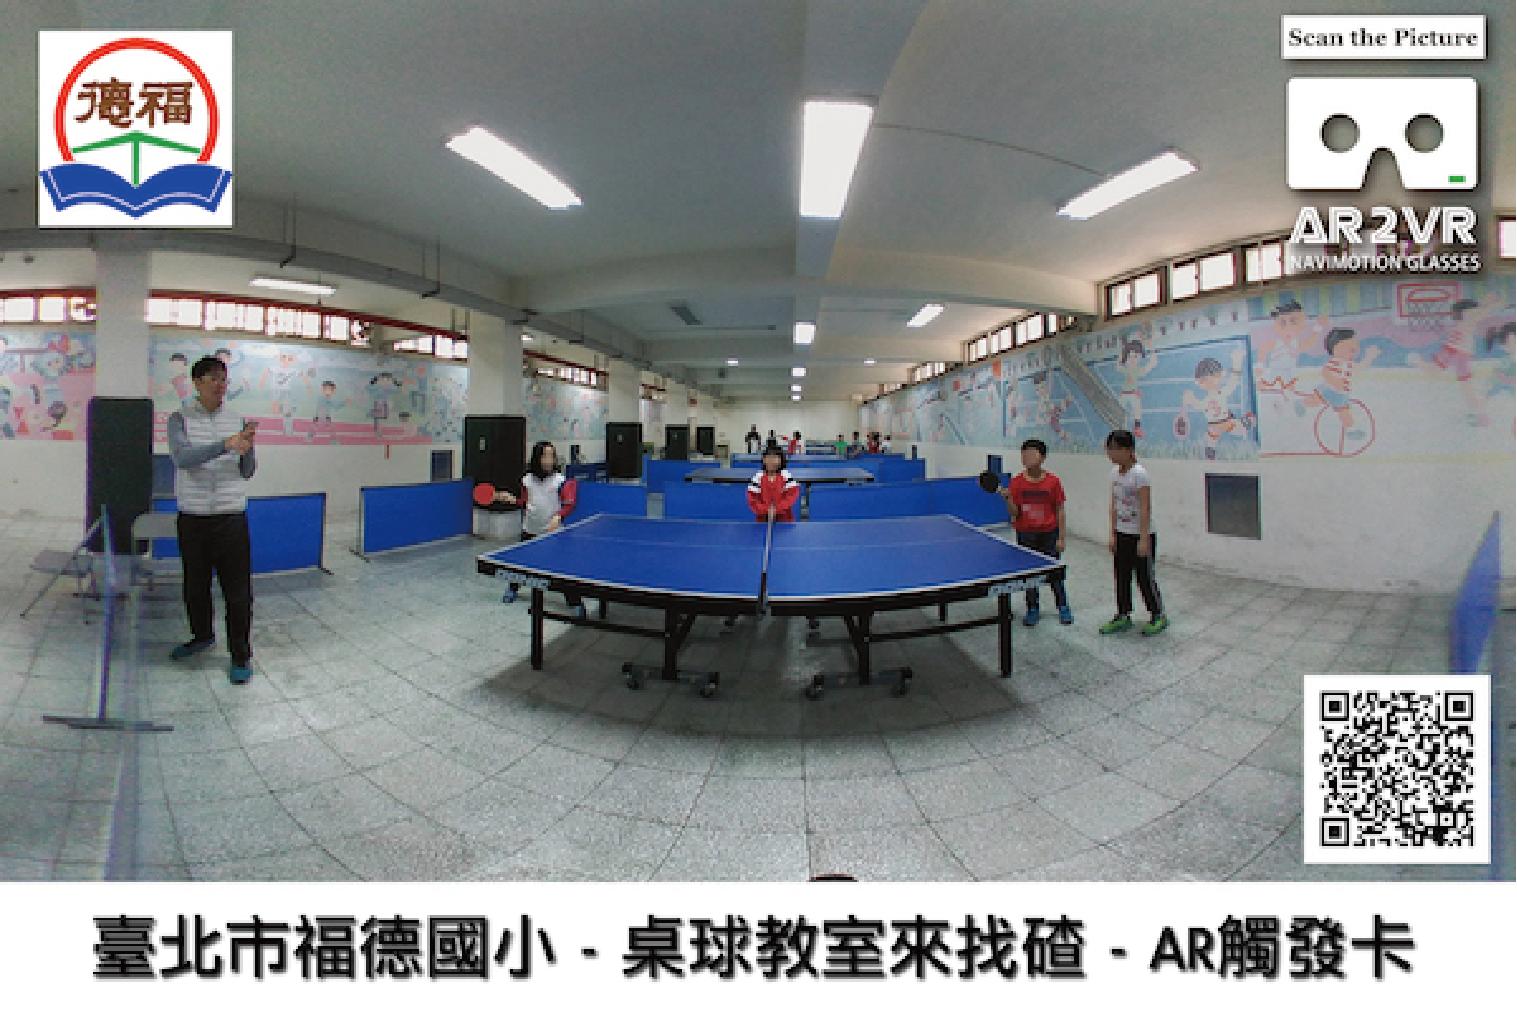 臺北福德國小桌球教室來找碴